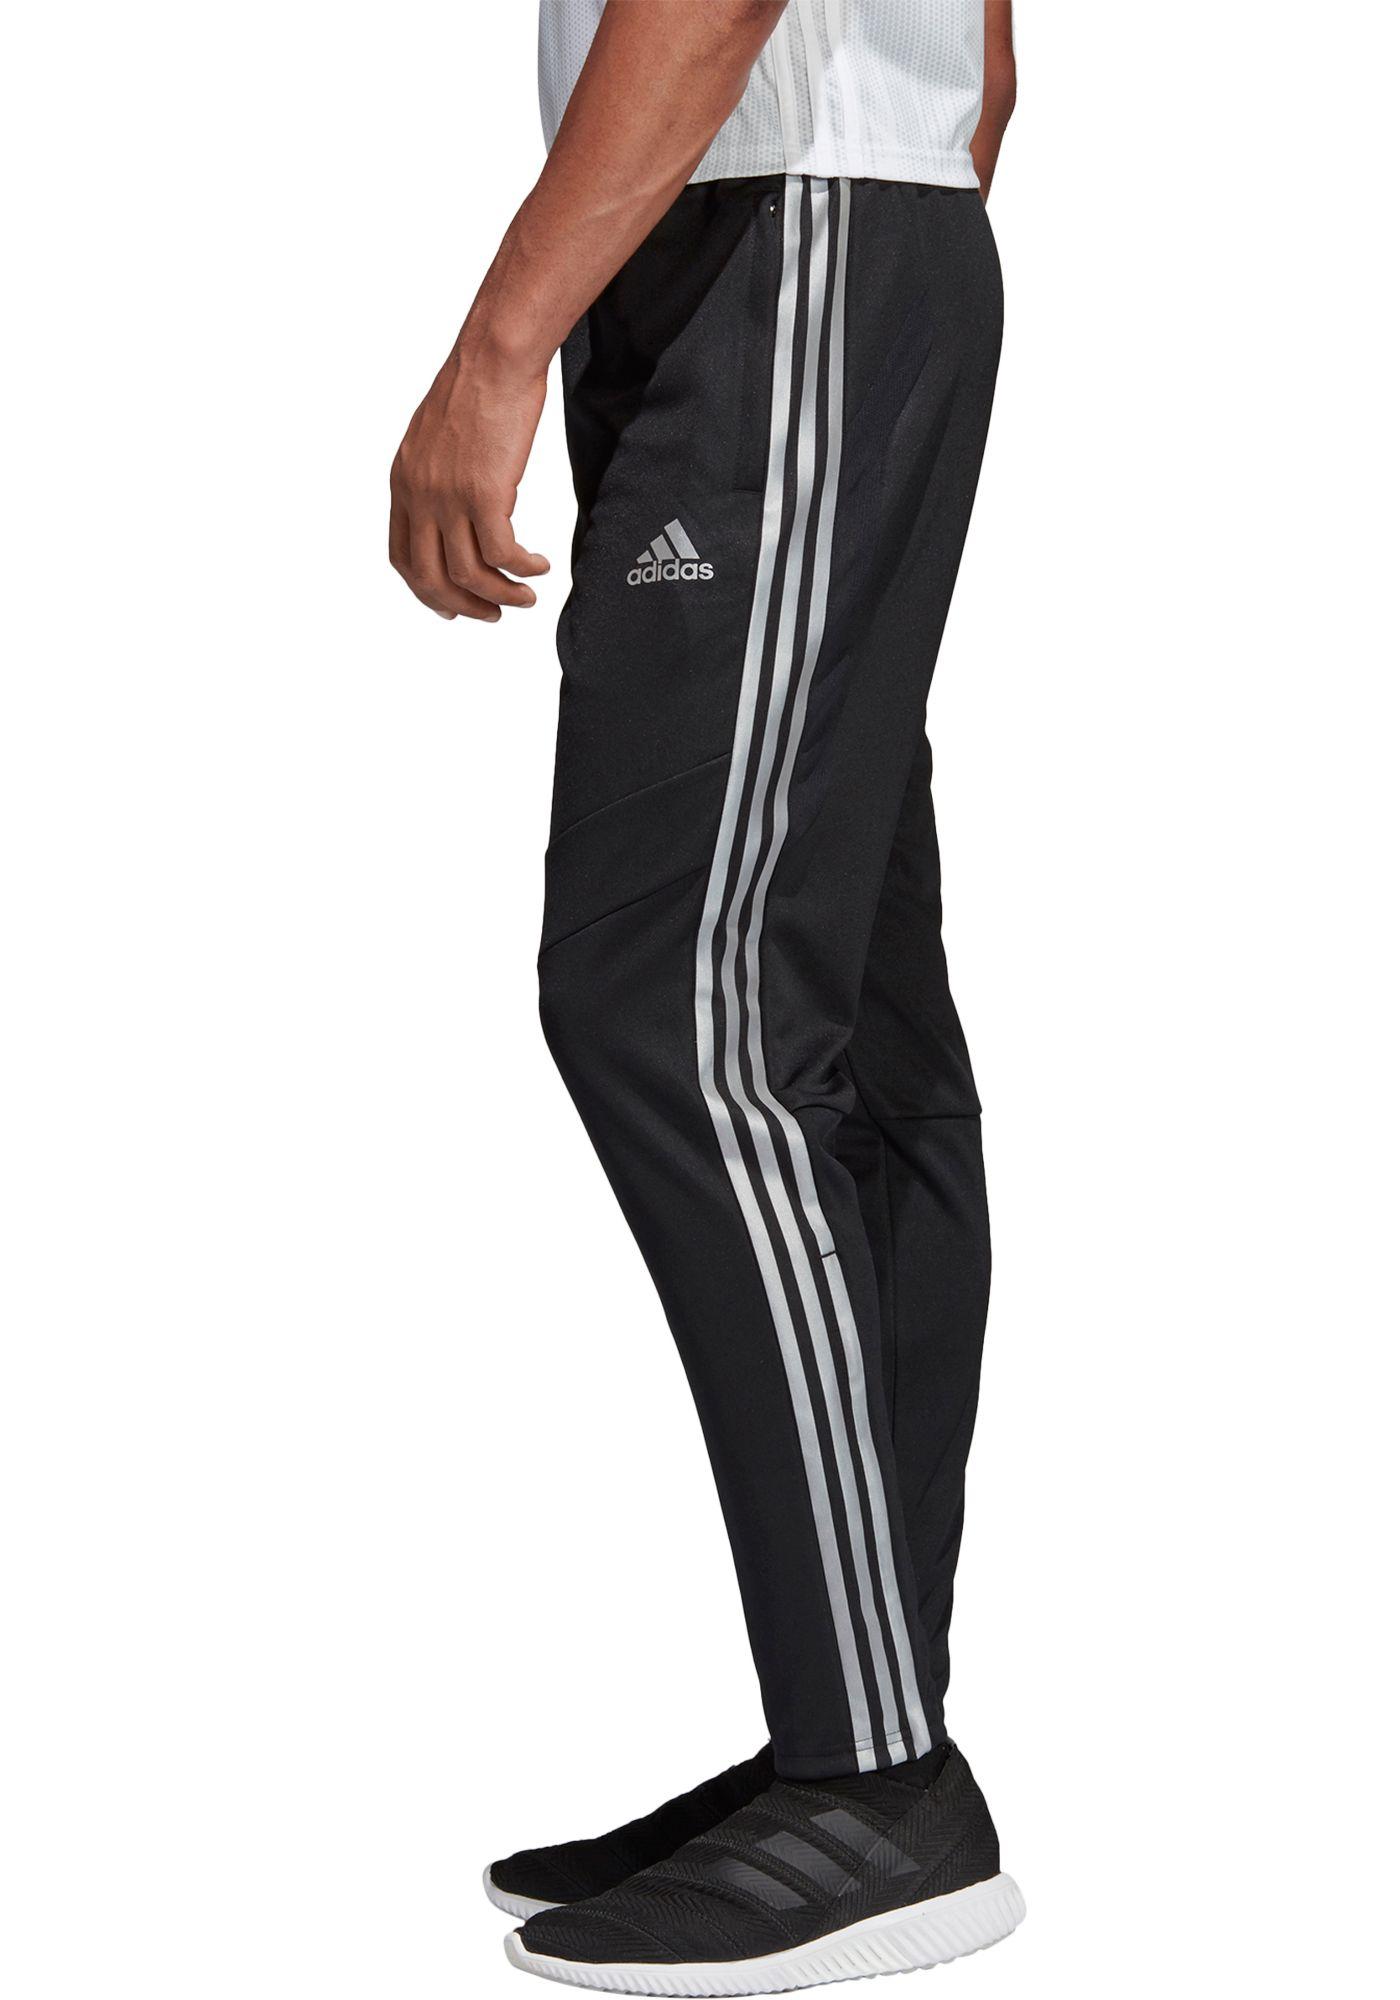 adidas Men's Metallic Tiro 19 Training Pants